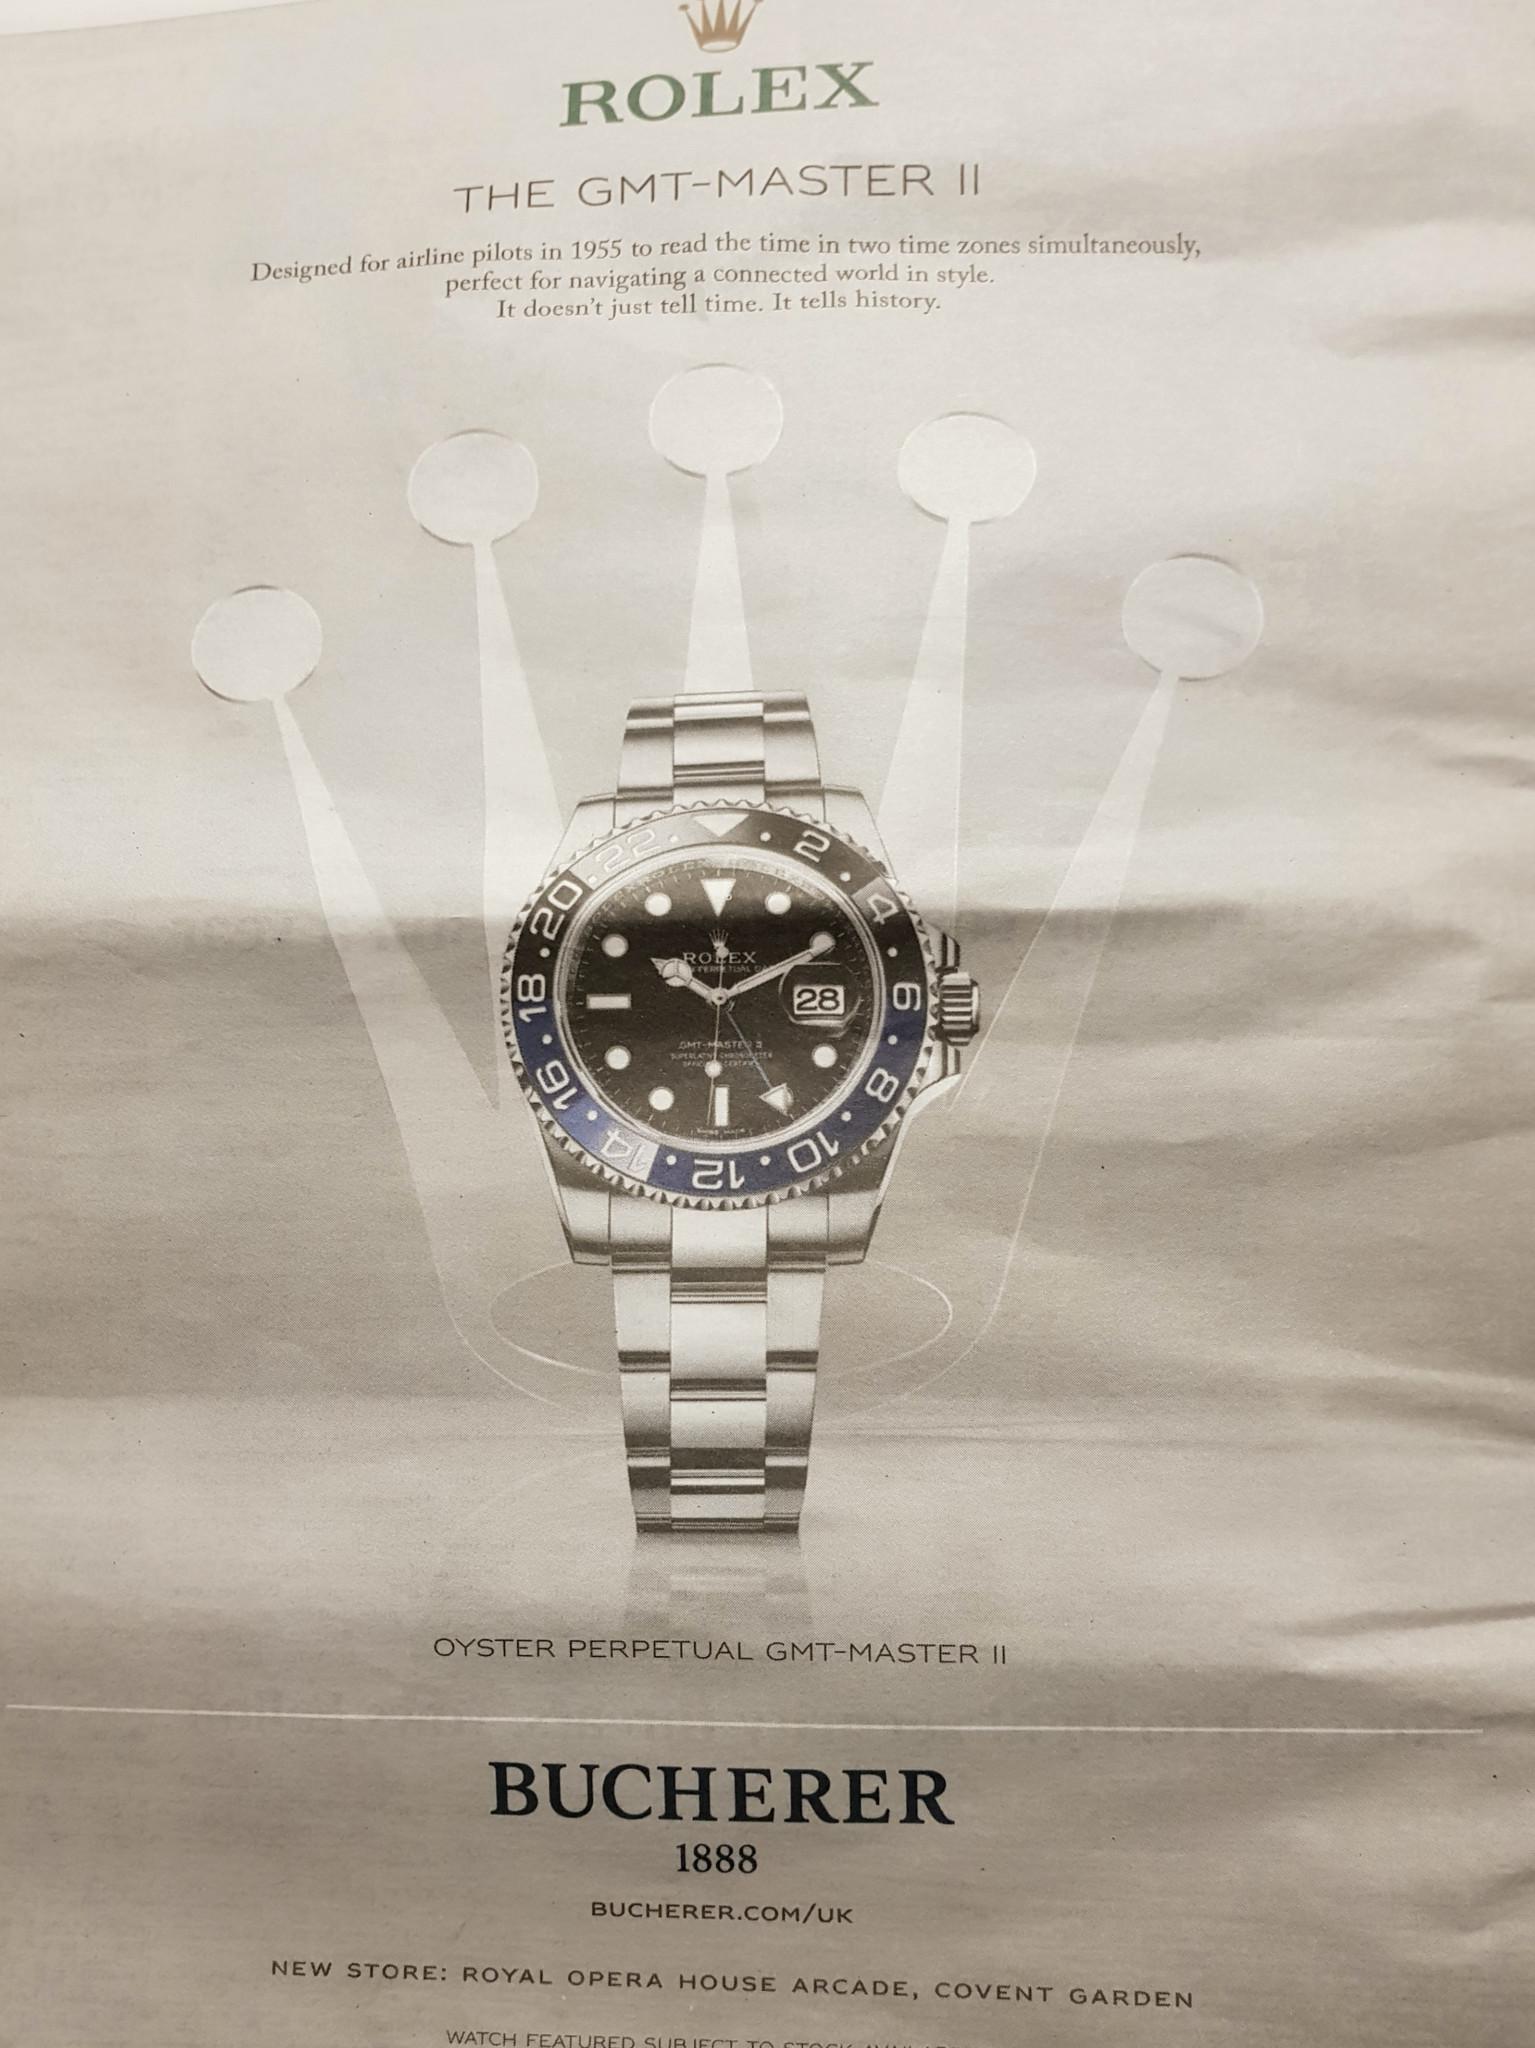 Bucherer Rolex advert